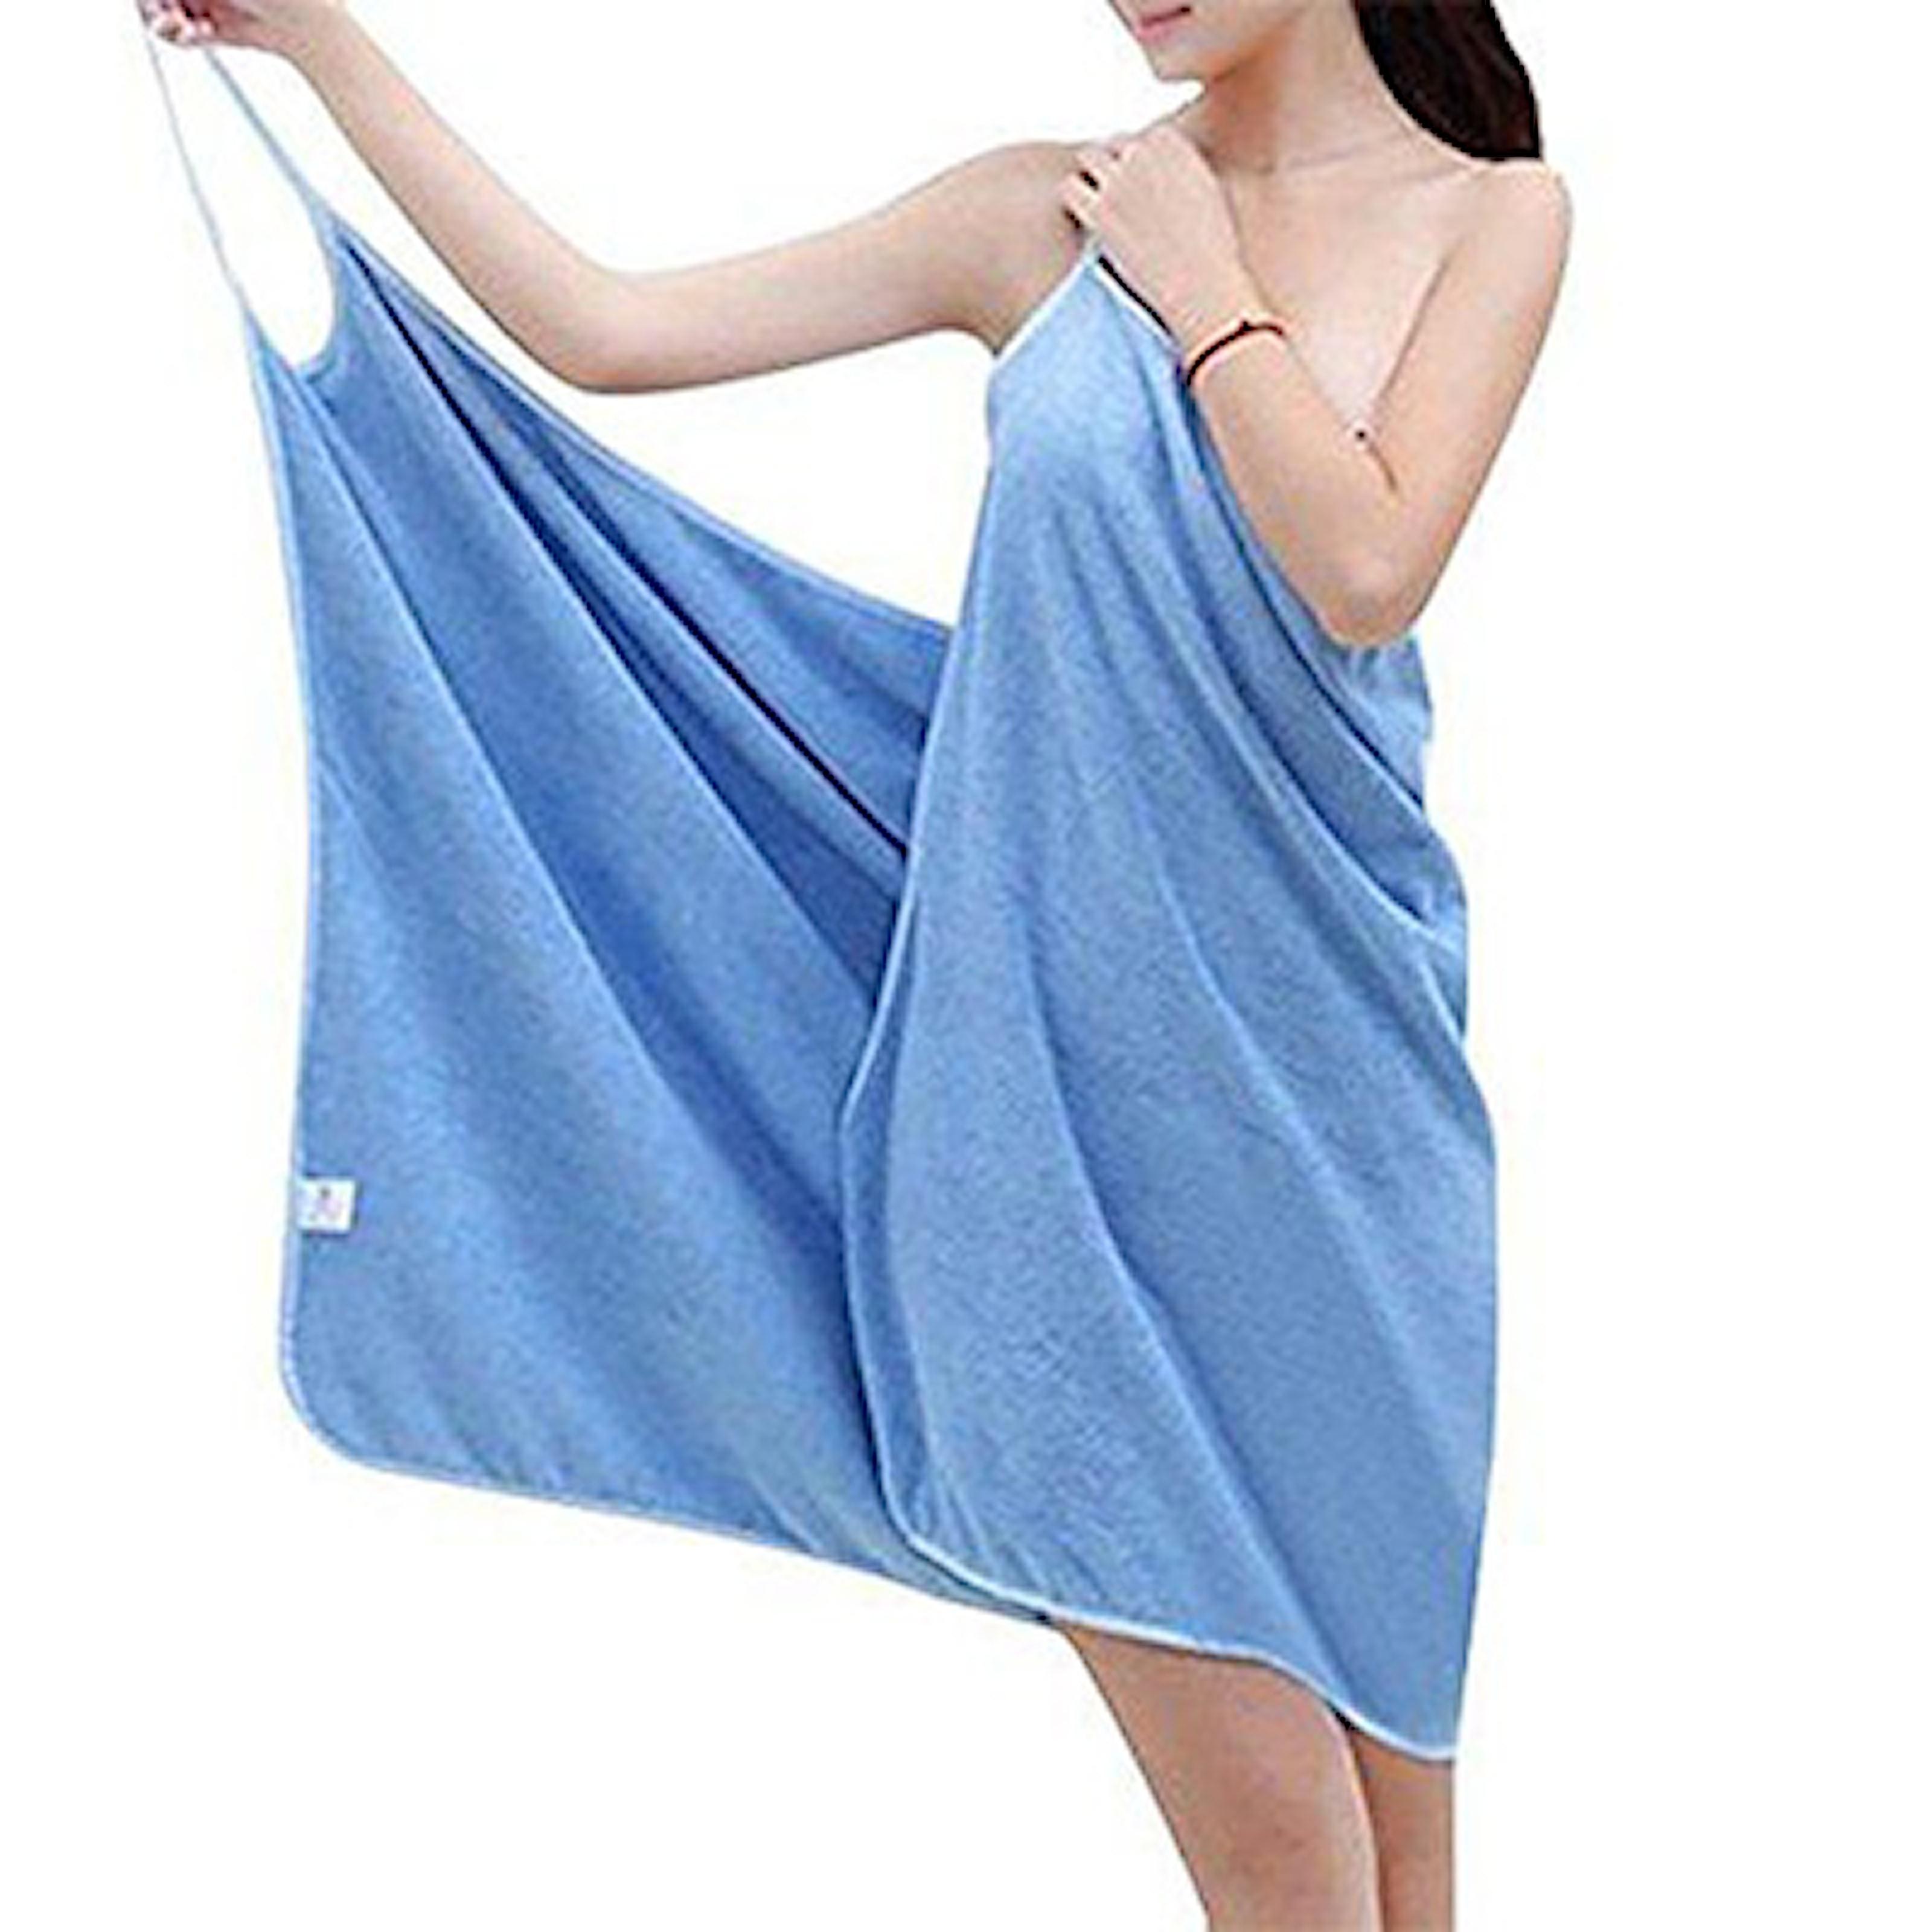 Blå, Bathtowel Dress, Badlakanklänning, ,